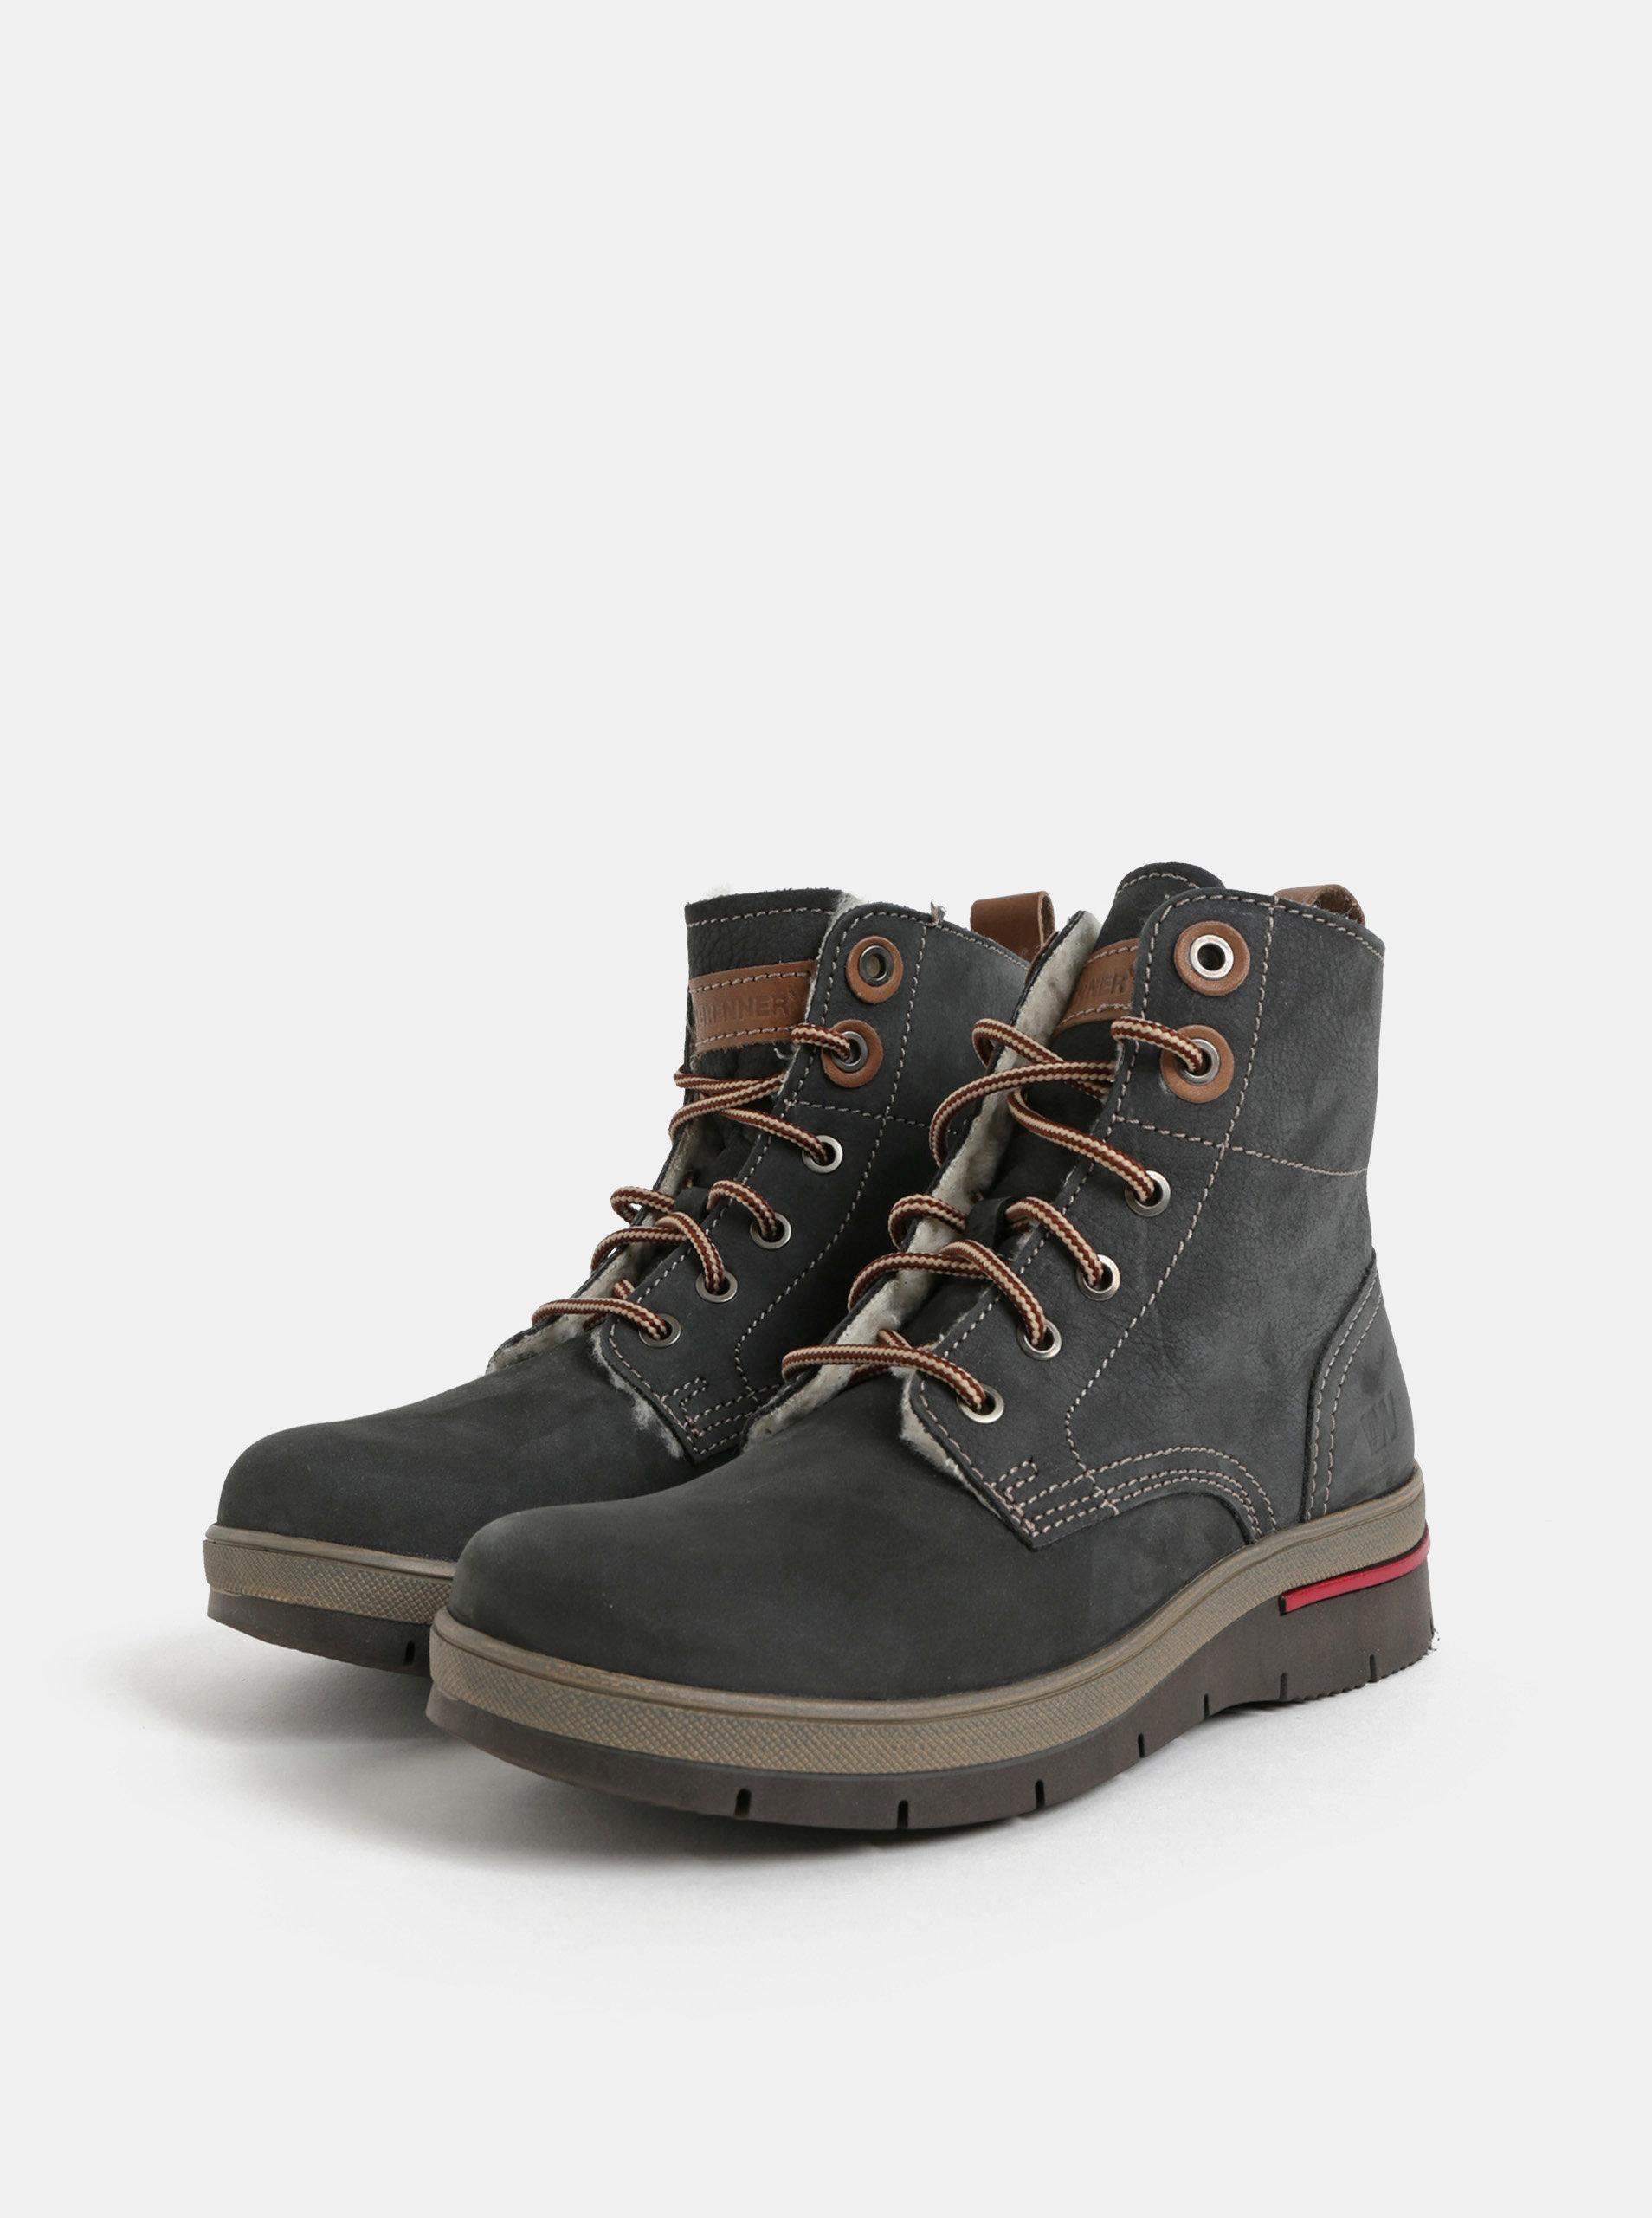 41028caec9 Tmavosivé dámske kožené členkové zimné topánky s umelou vnútornou  kožušinkou Weinbrenner ...